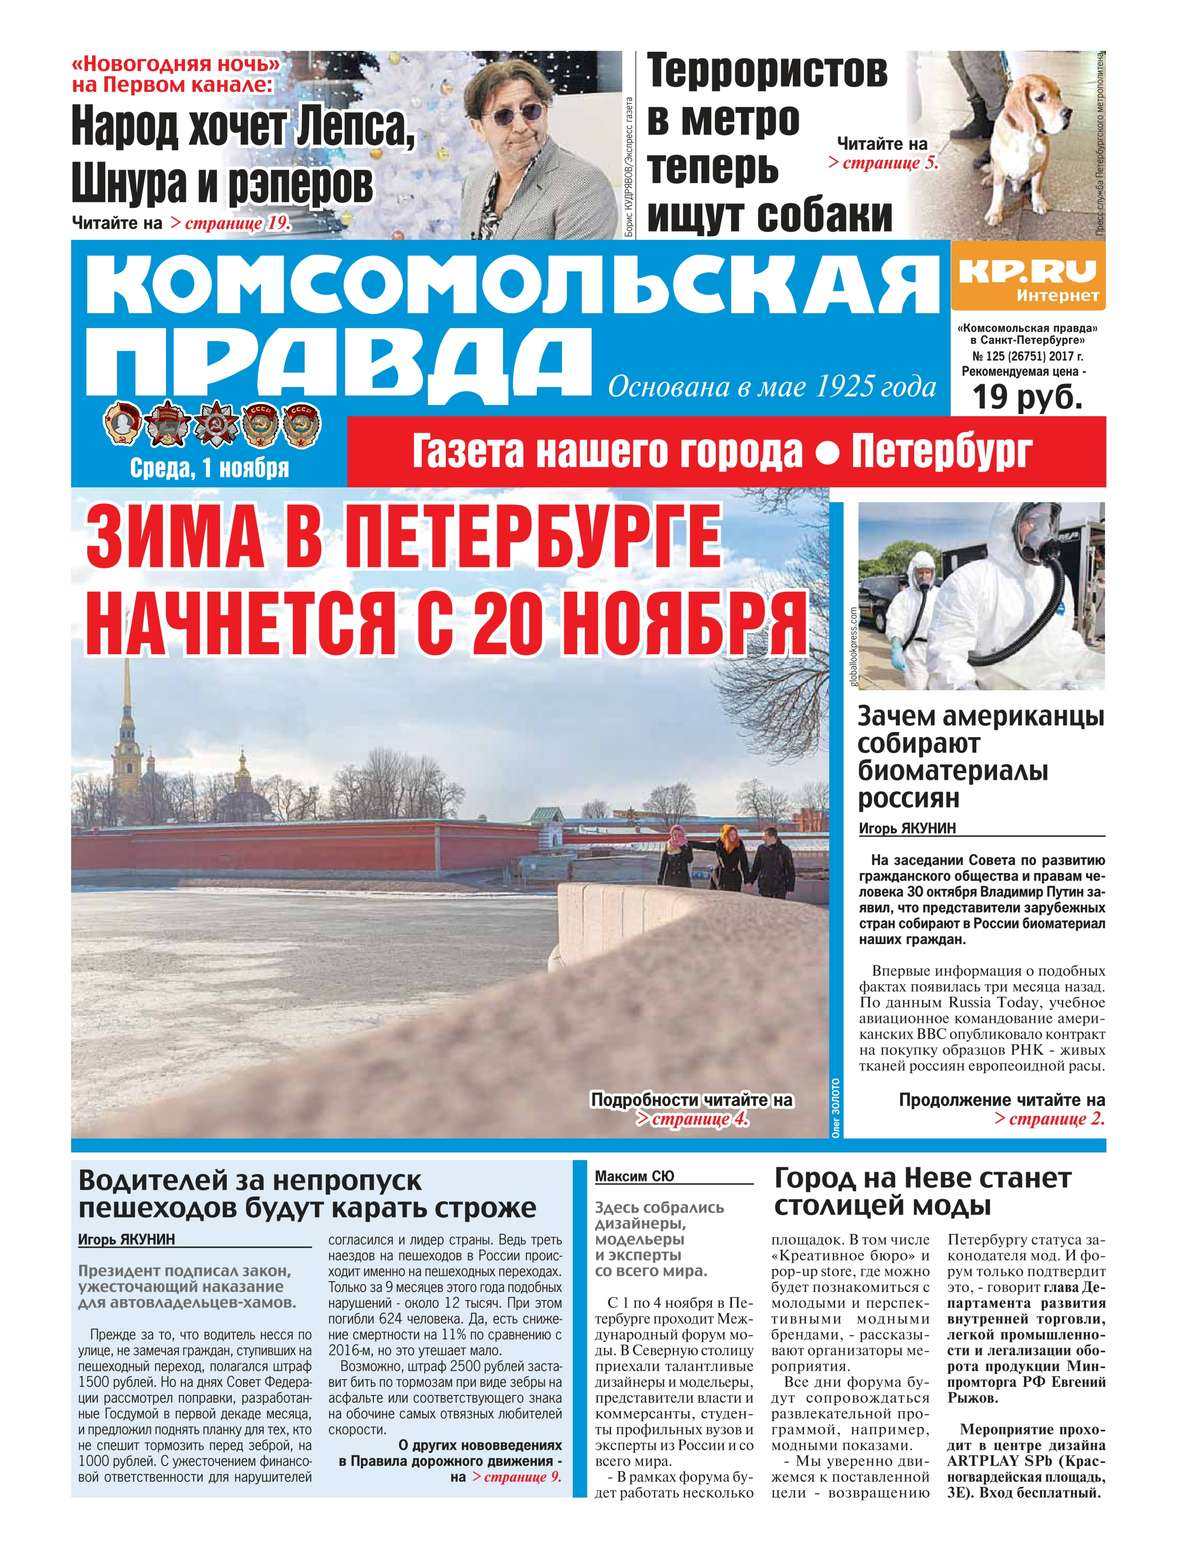 Комсомольская Правда. Санкт-Петербург 125-2017